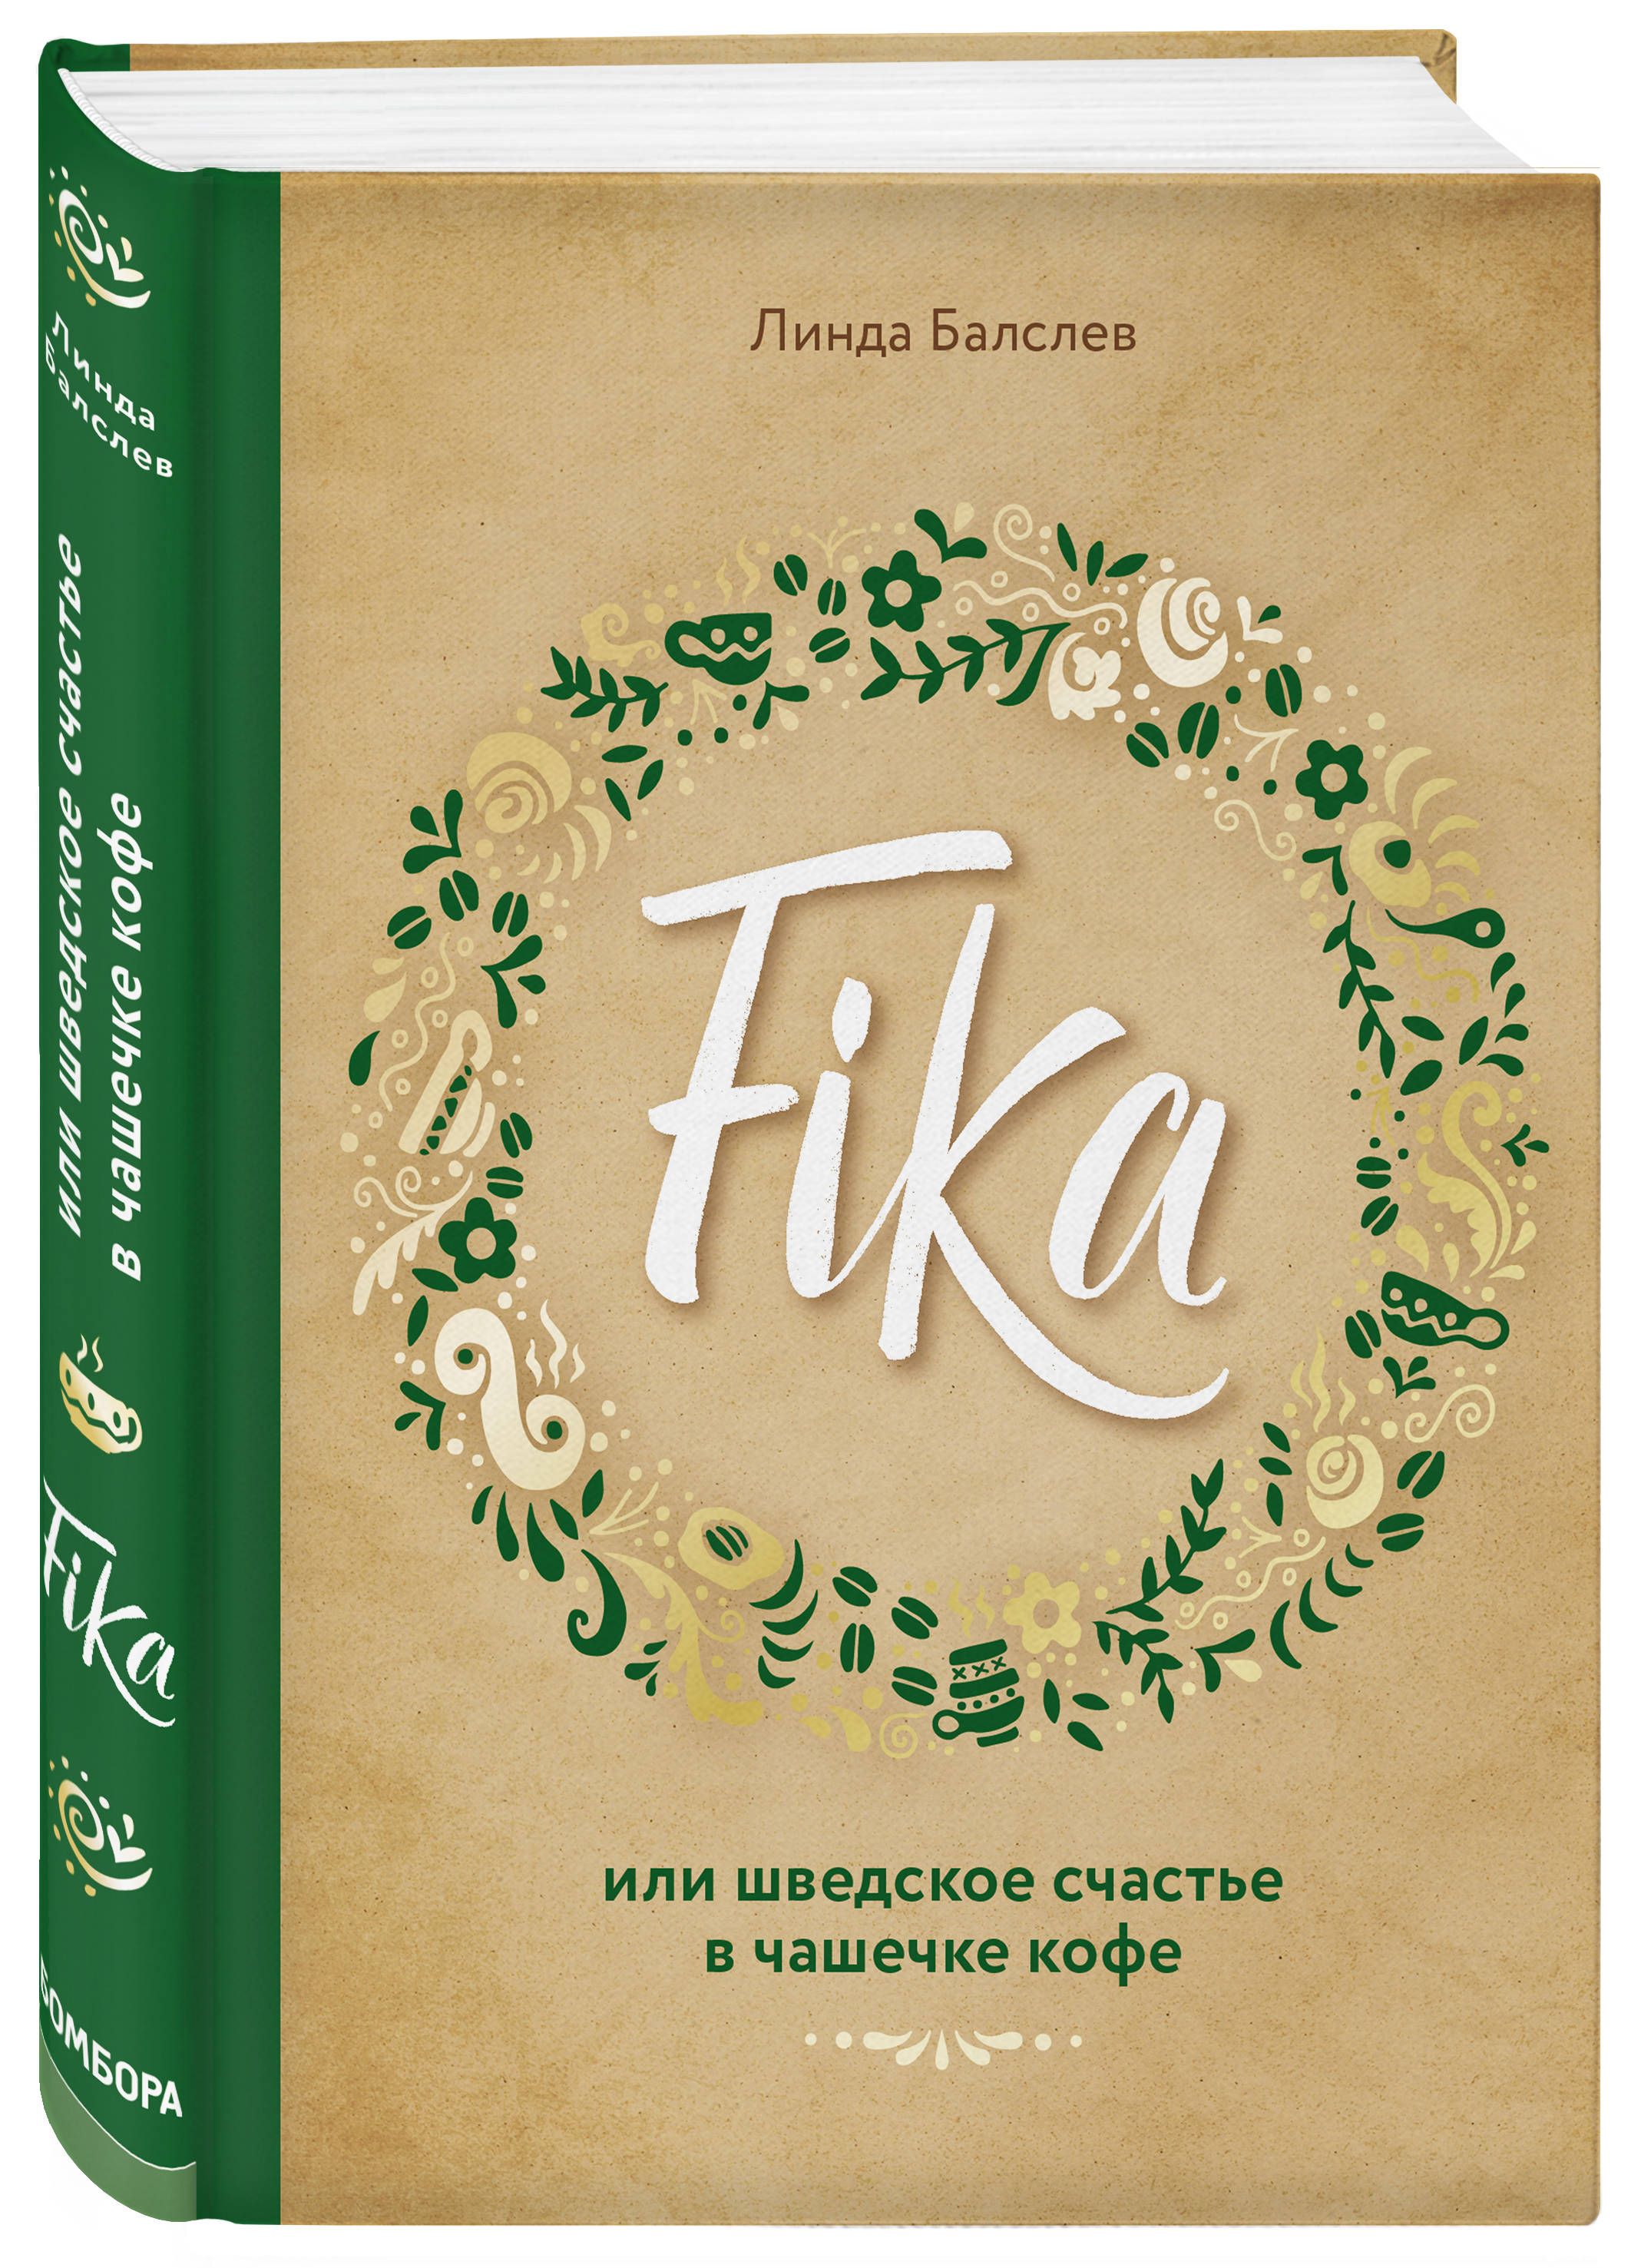 Линда Балслев Fika, или шведское счастье в чашечке кофе балслев л fika или шведское счастье в чашечке кофе